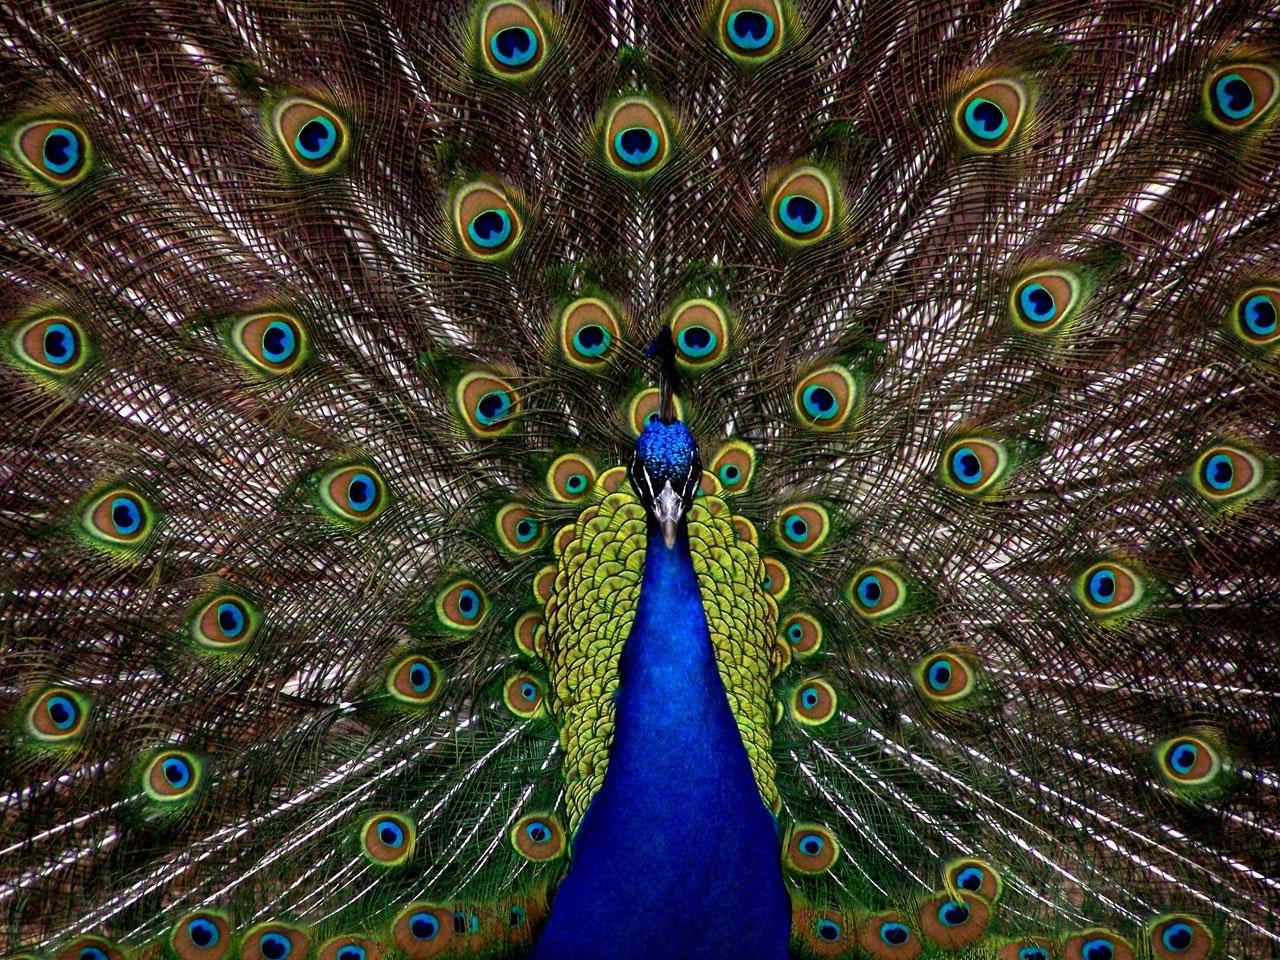 Sonhar com pavão em grande quantidade significa orgulho, vaidade.